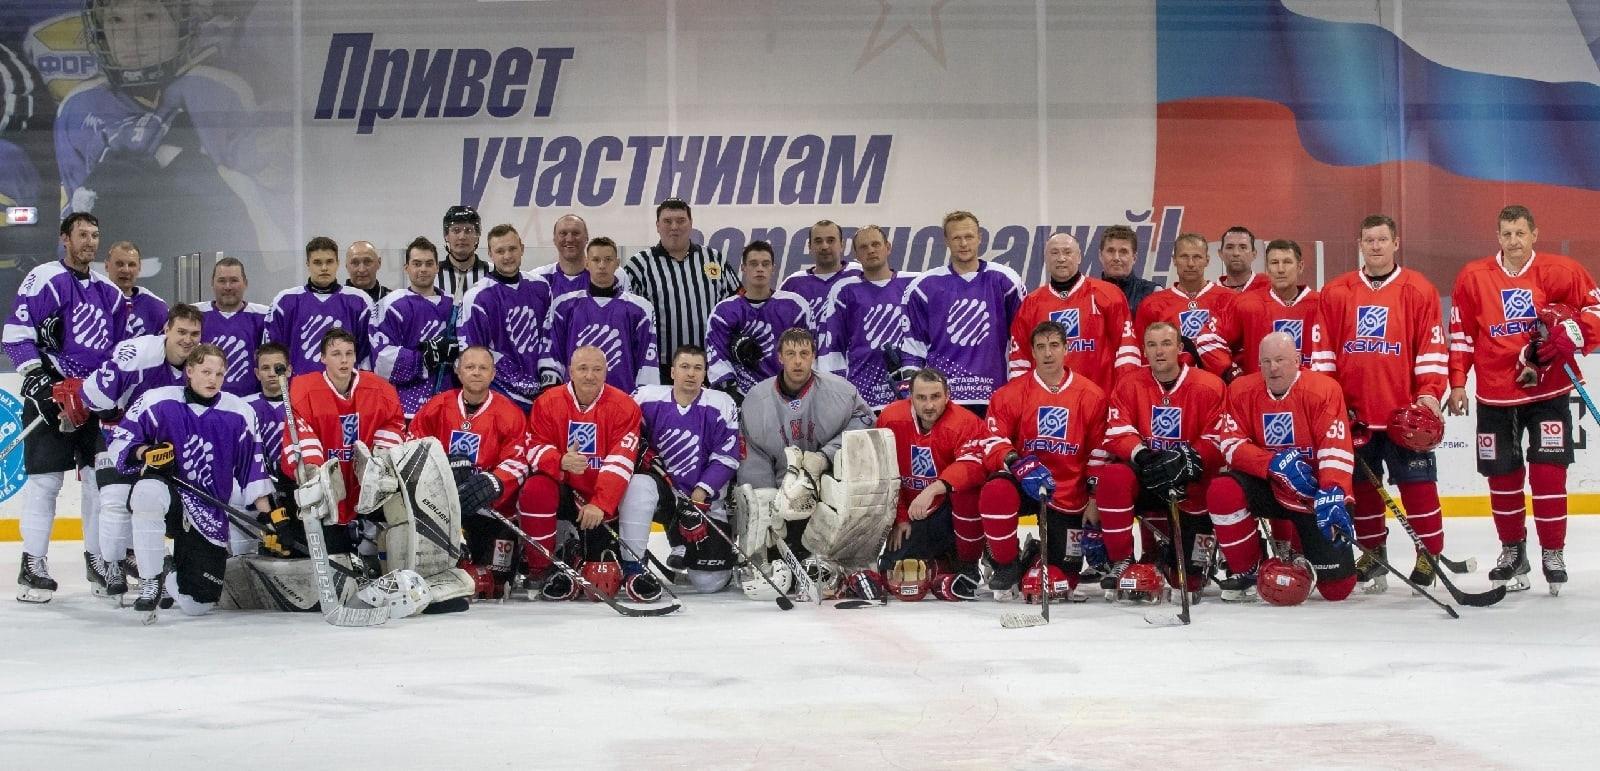 Губахинские хоккеисты выиграли Кубок Евгения Кетова